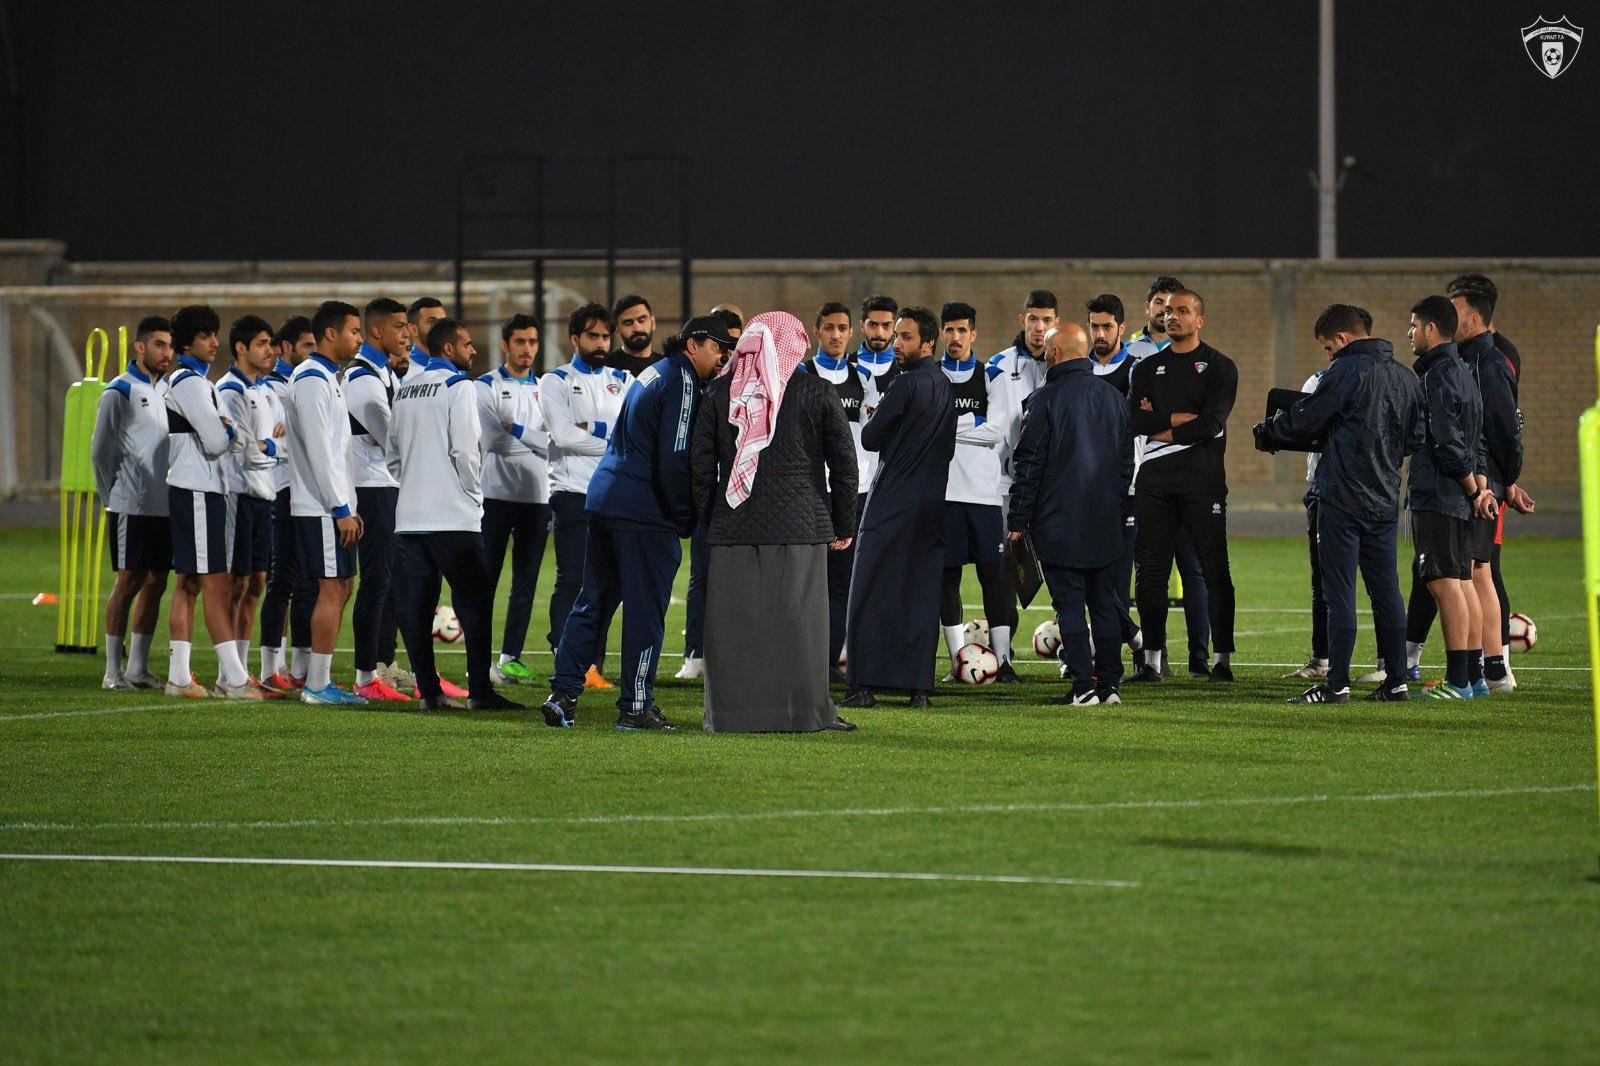 ٢٠٢١٠١٢٤ ١٨١٠٥٧ - 23 لاعبًا في قائمة «الأزرق» لمواجهة العراق.     #العبدلي_نيوز